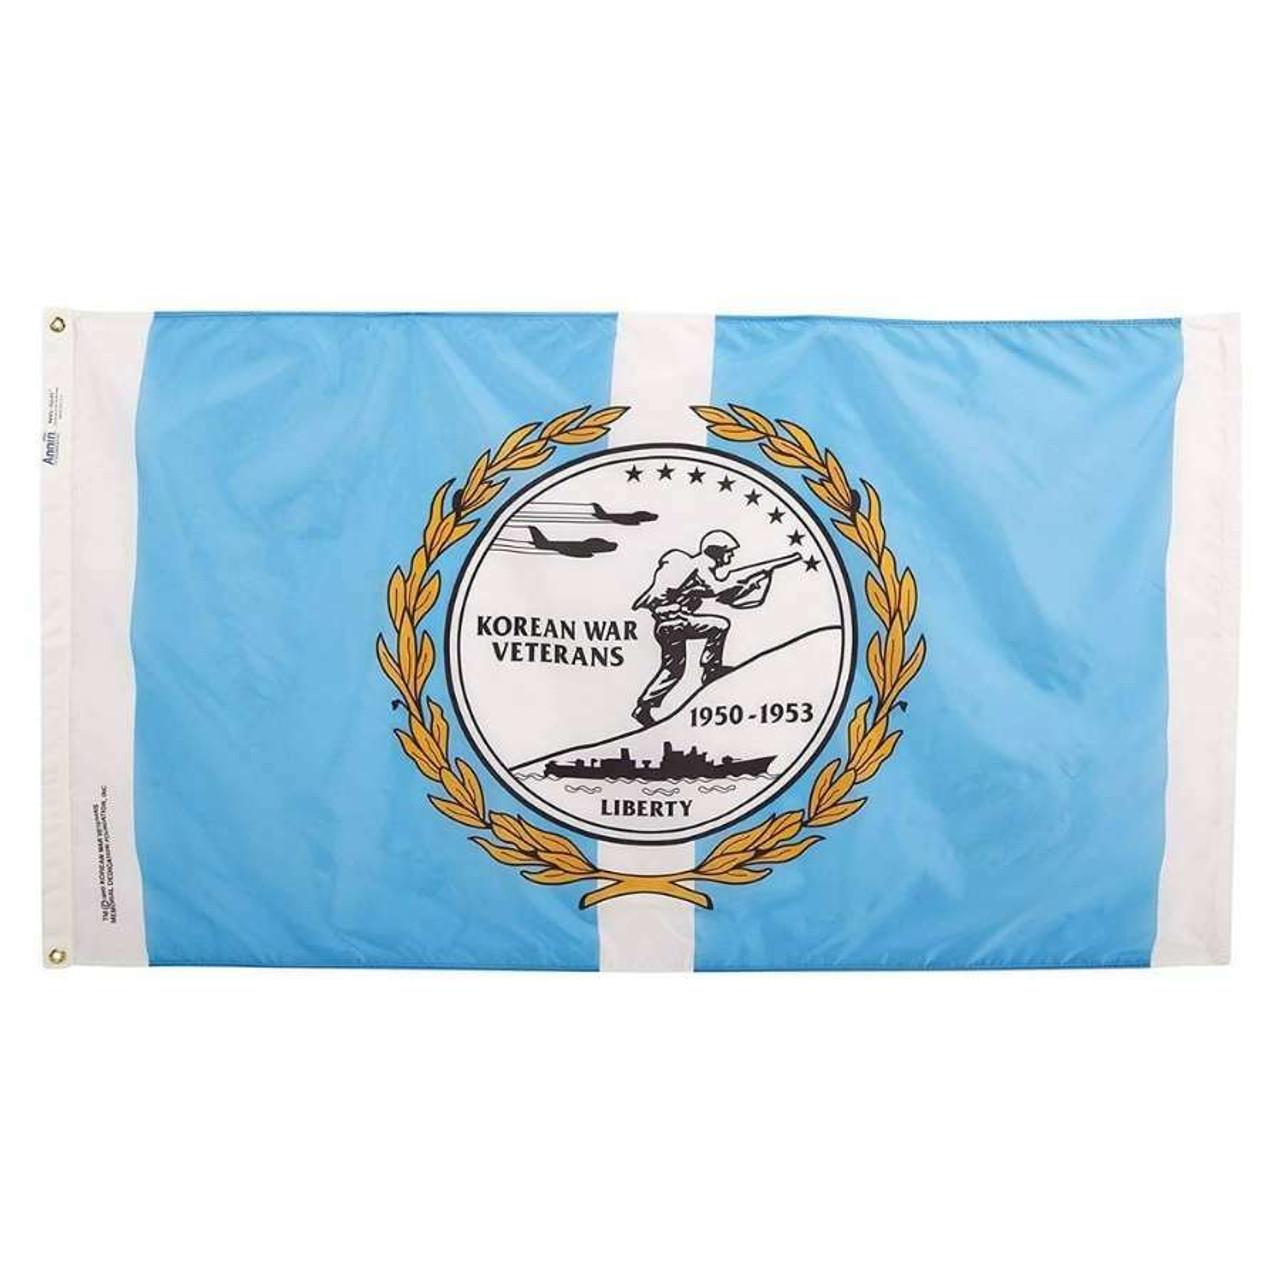 Korean War Veteran Flag